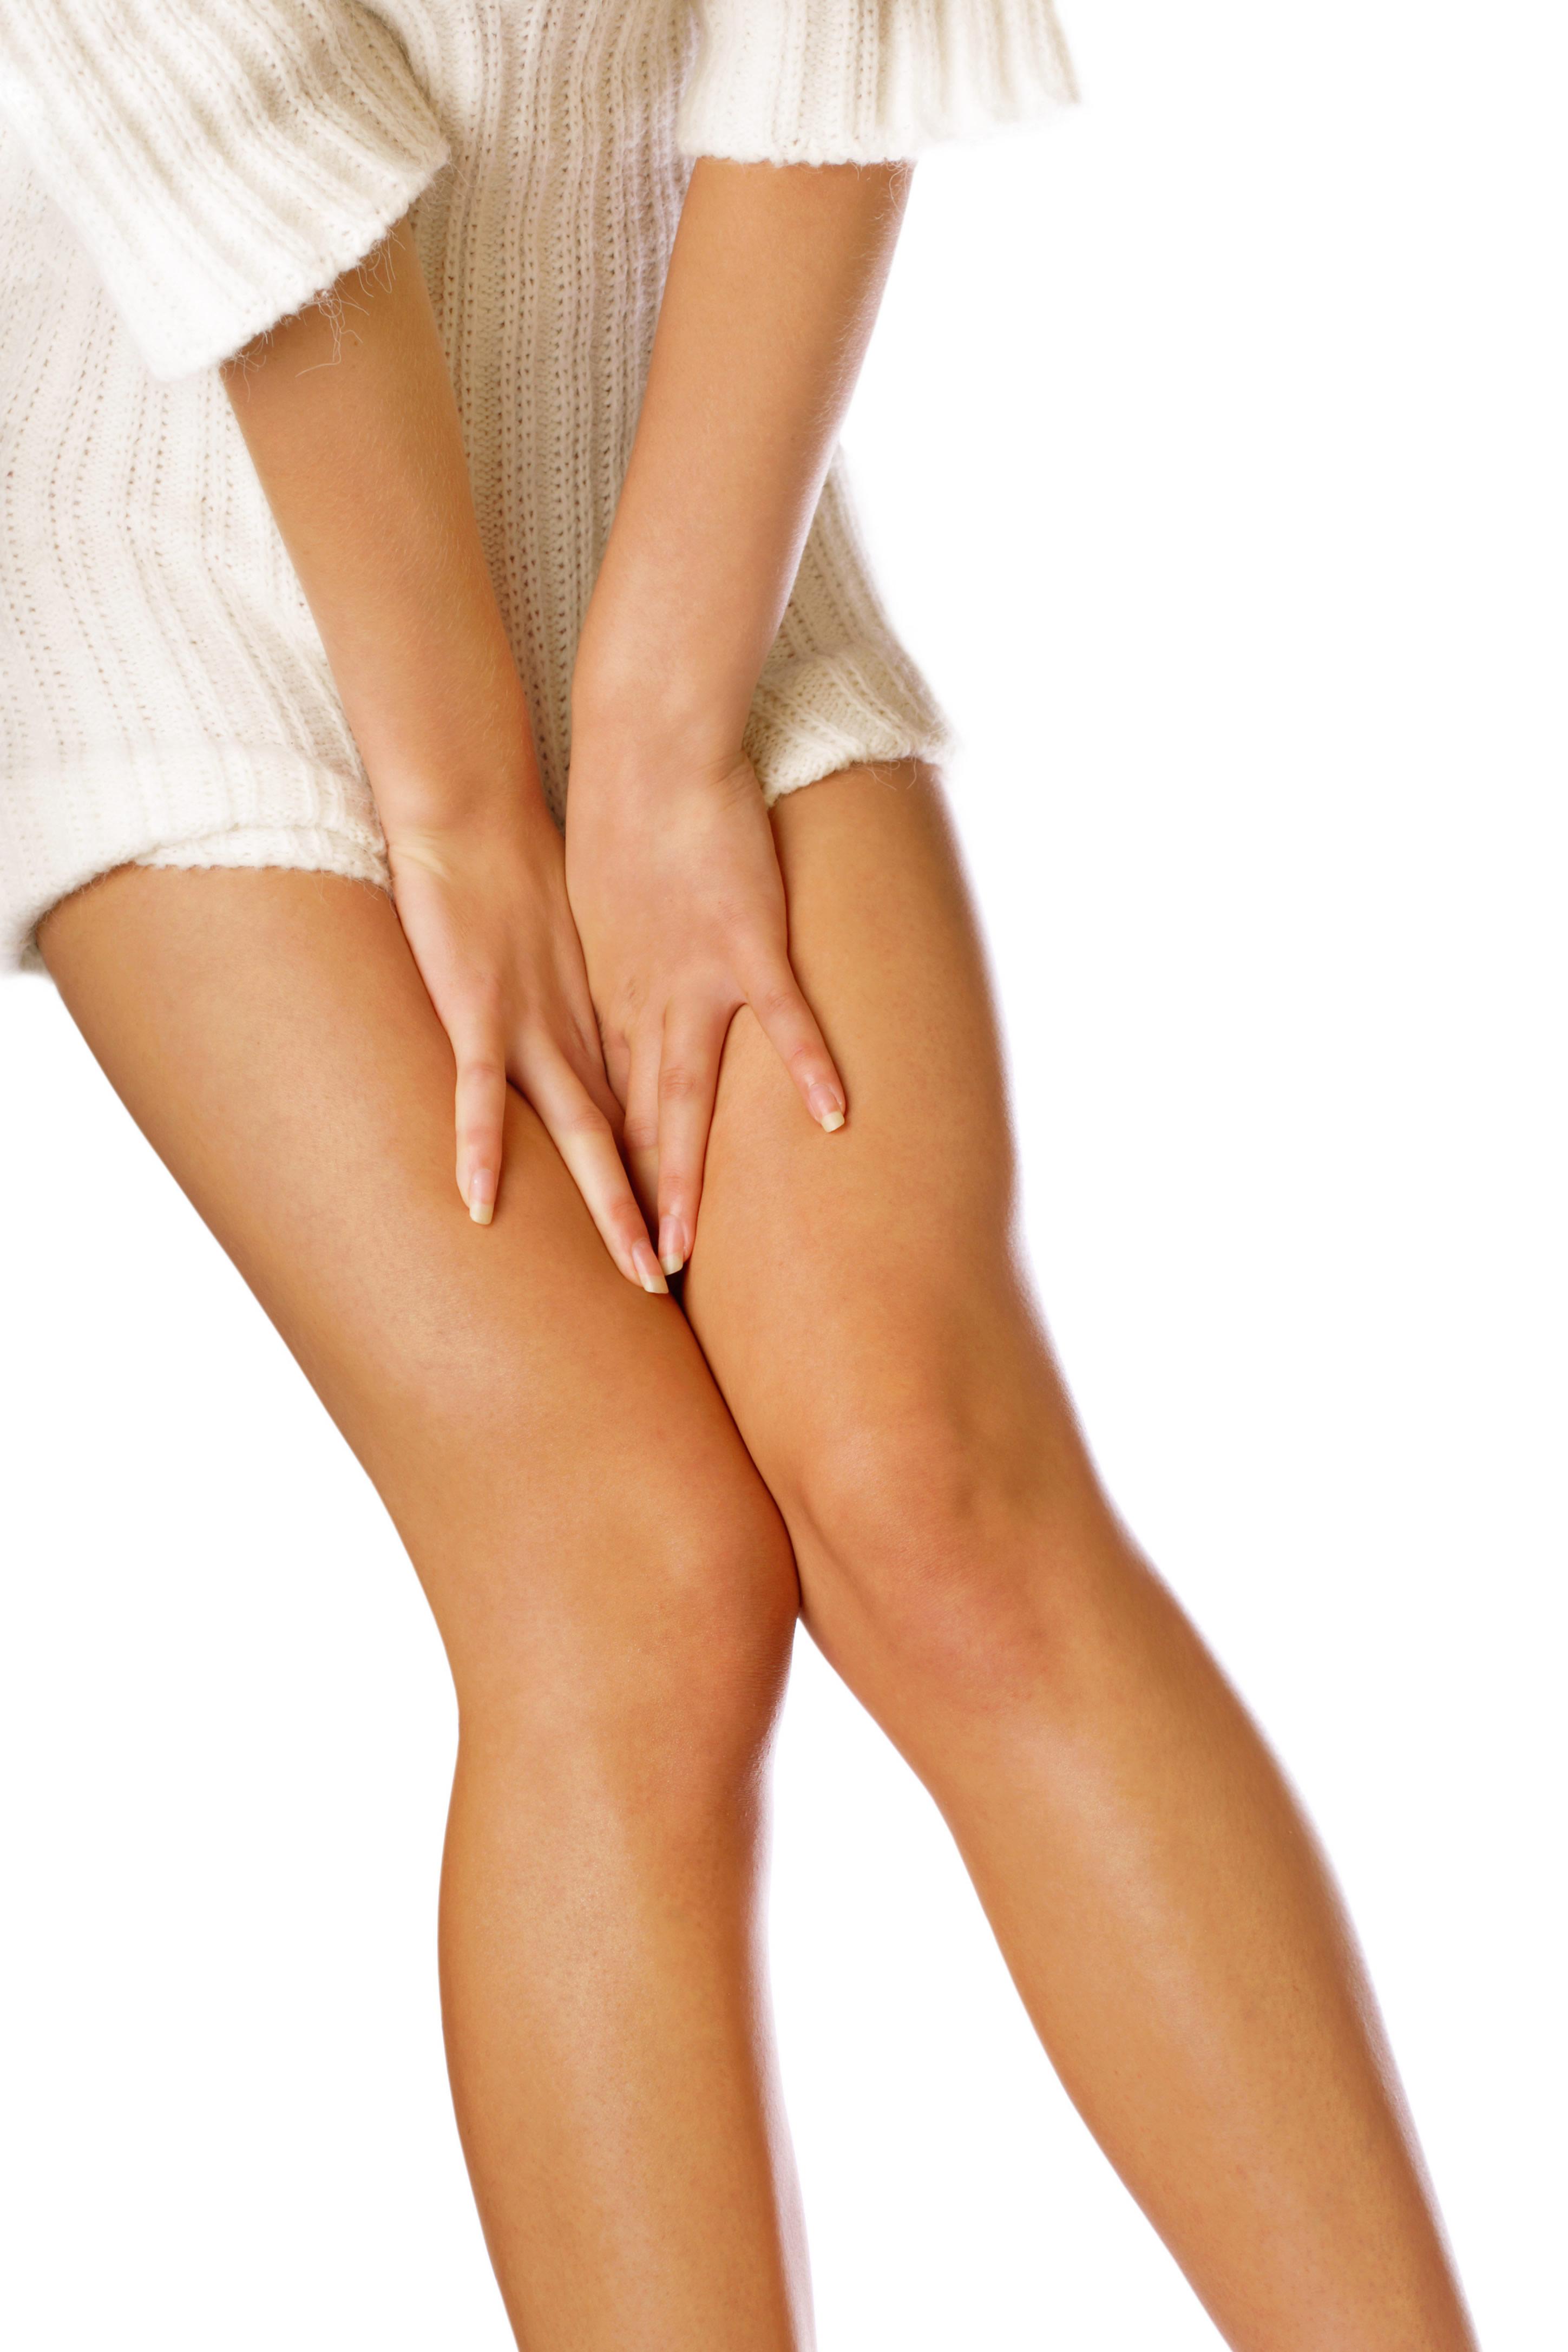 Tratamiento de belleza en piernas